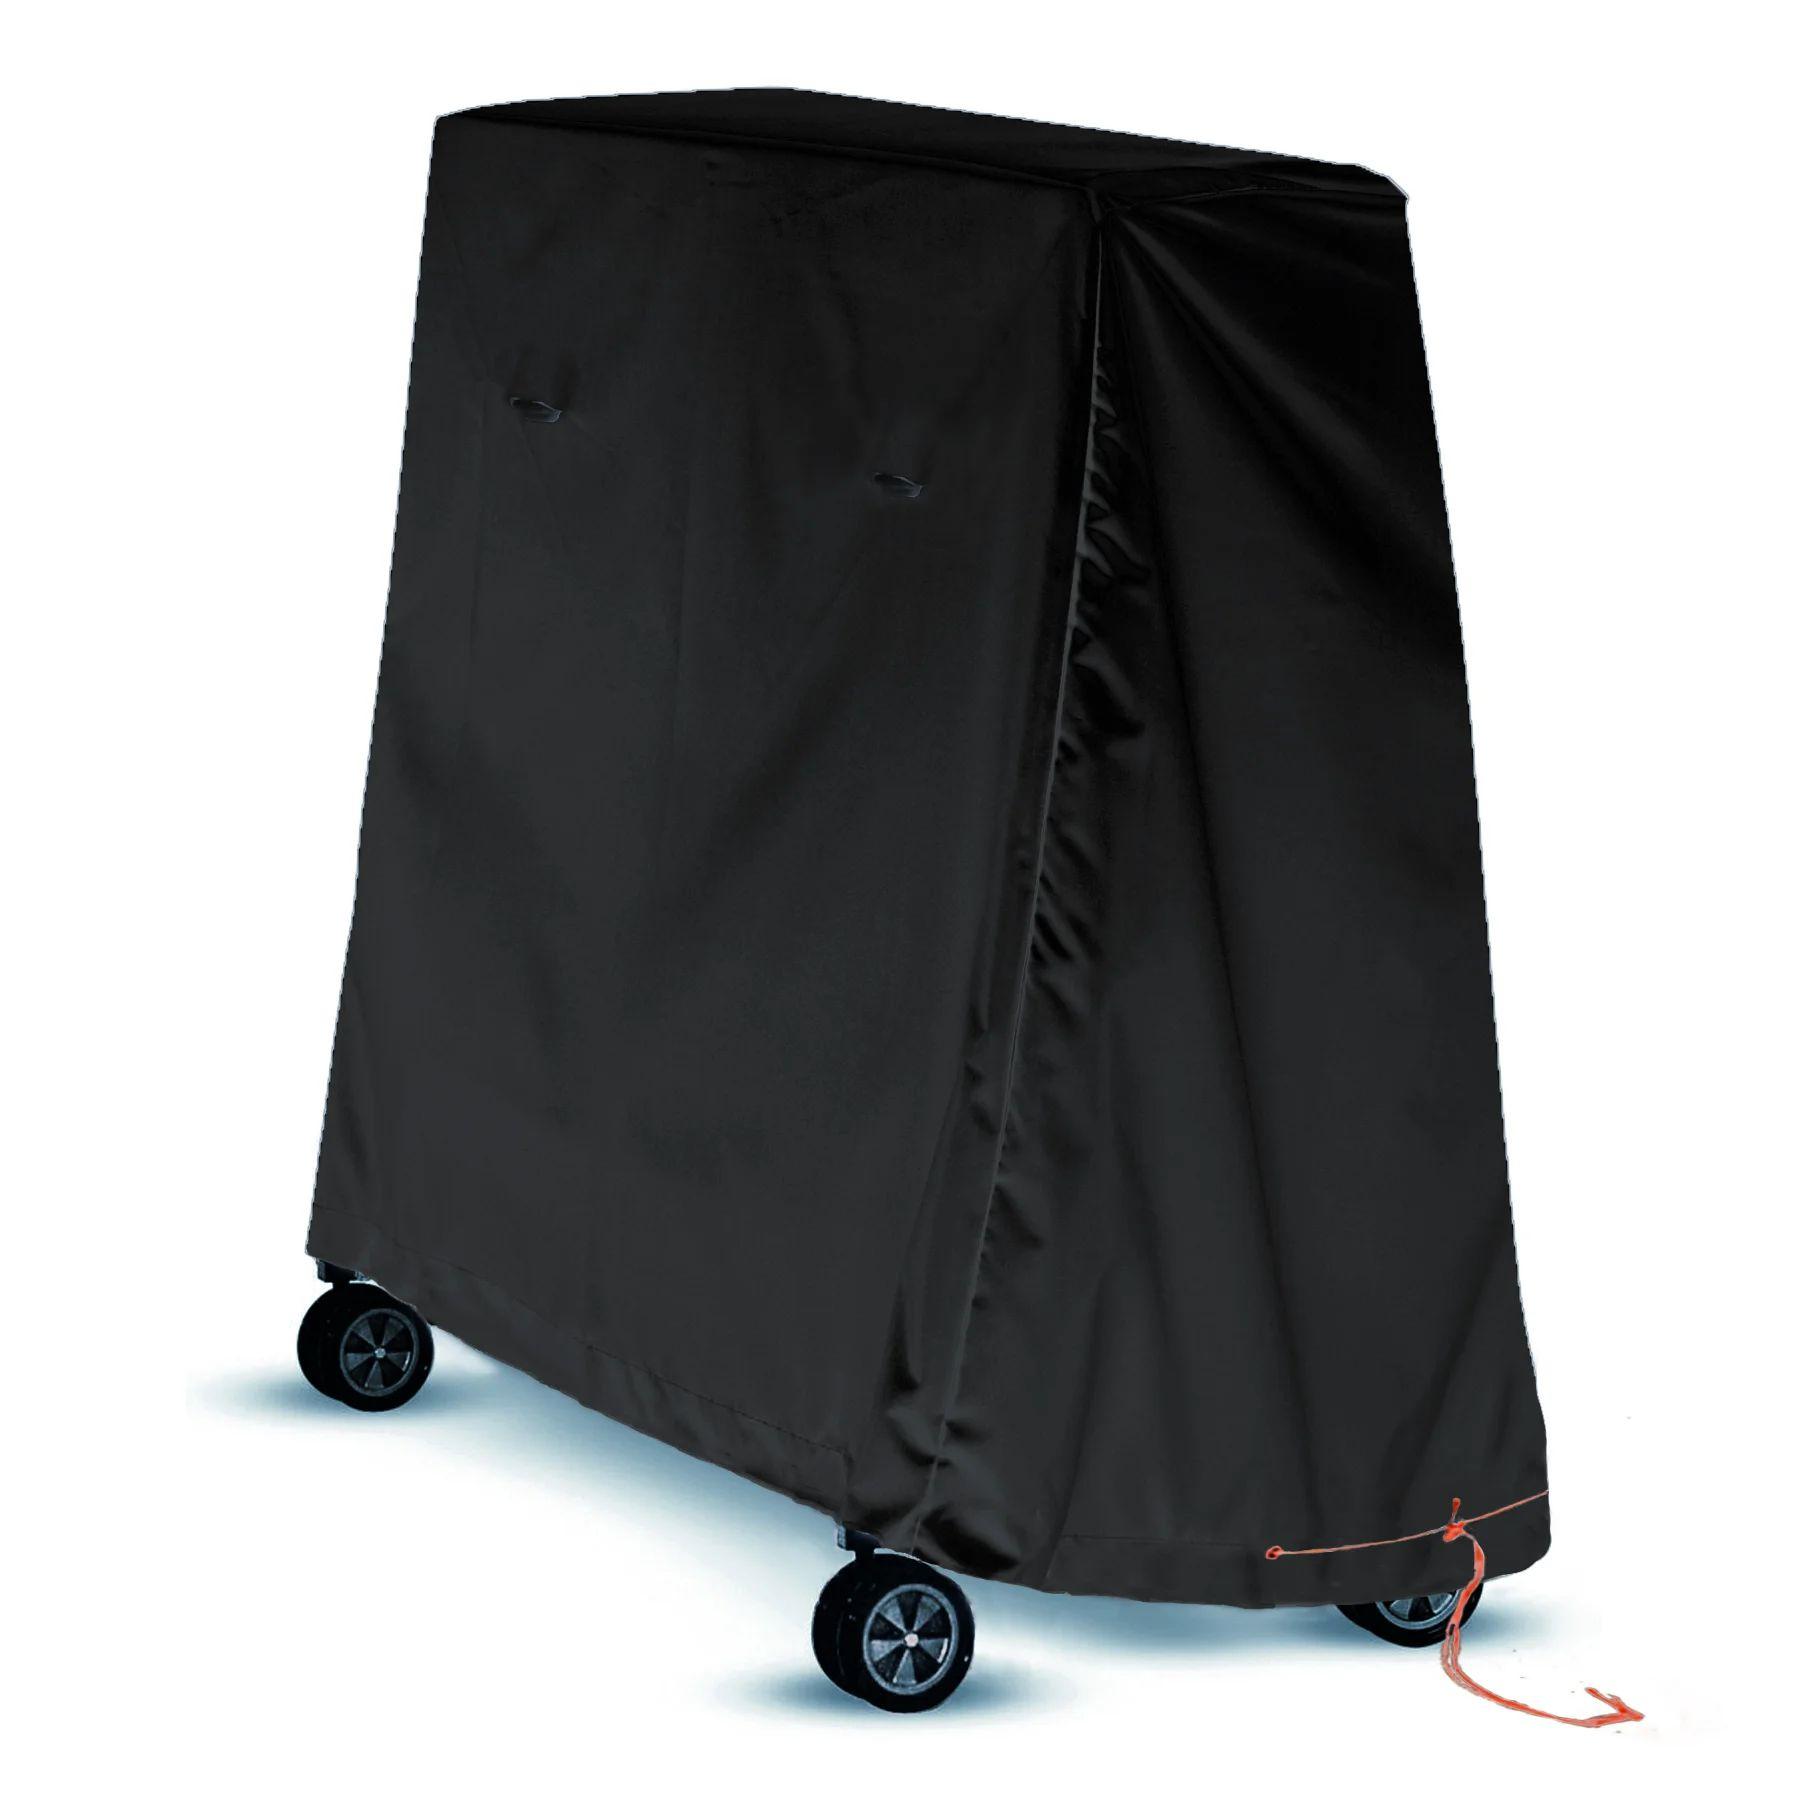 housse de protection pour table de ping pong innov axe l 90 x l 160 x h 135 cm